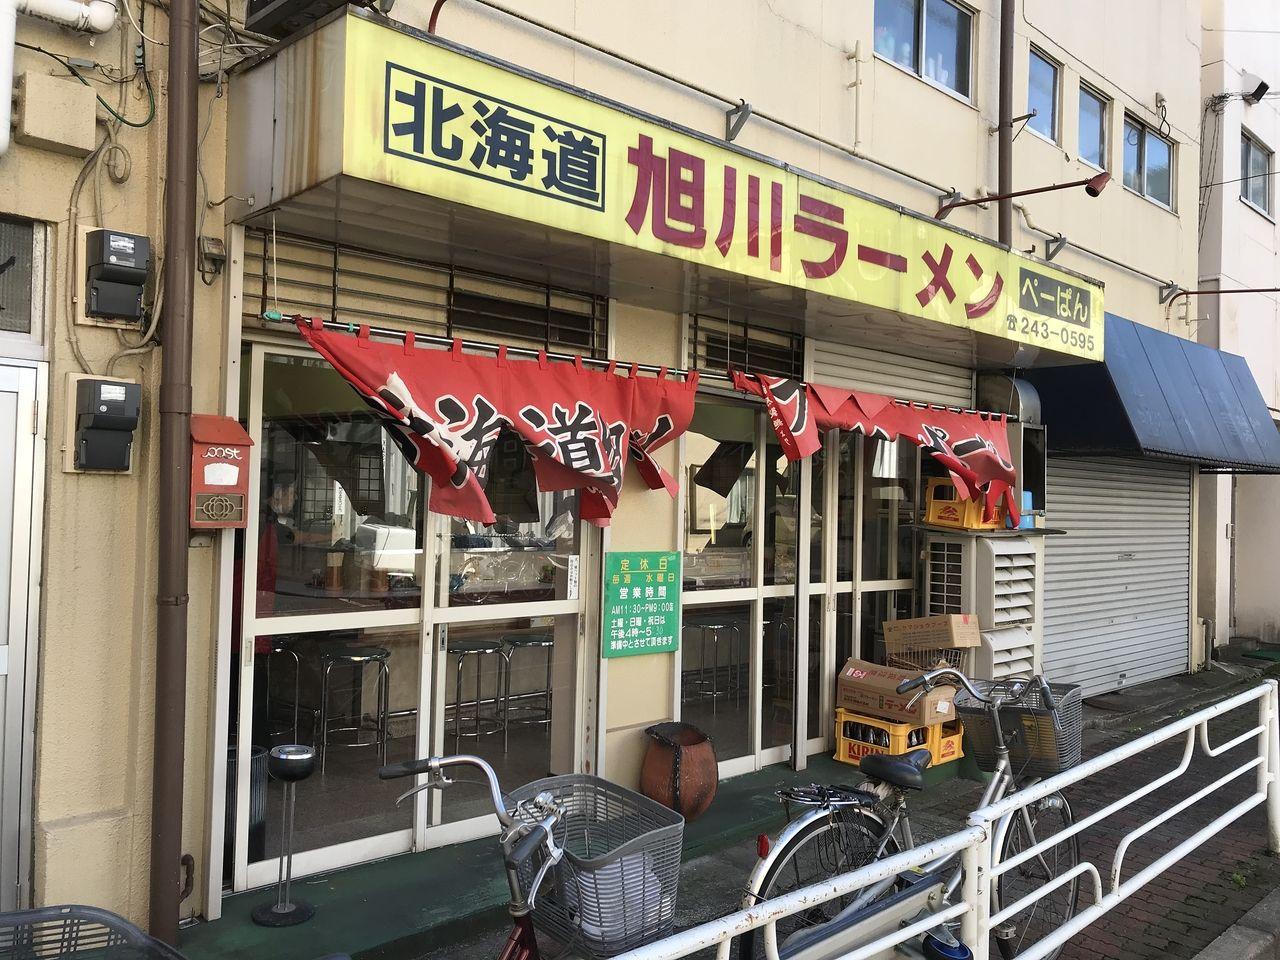 旭川ラーメンのお店です。魚介類と、豚骨・鶏ガラ・野菜でだしをとったスープが絶品です。